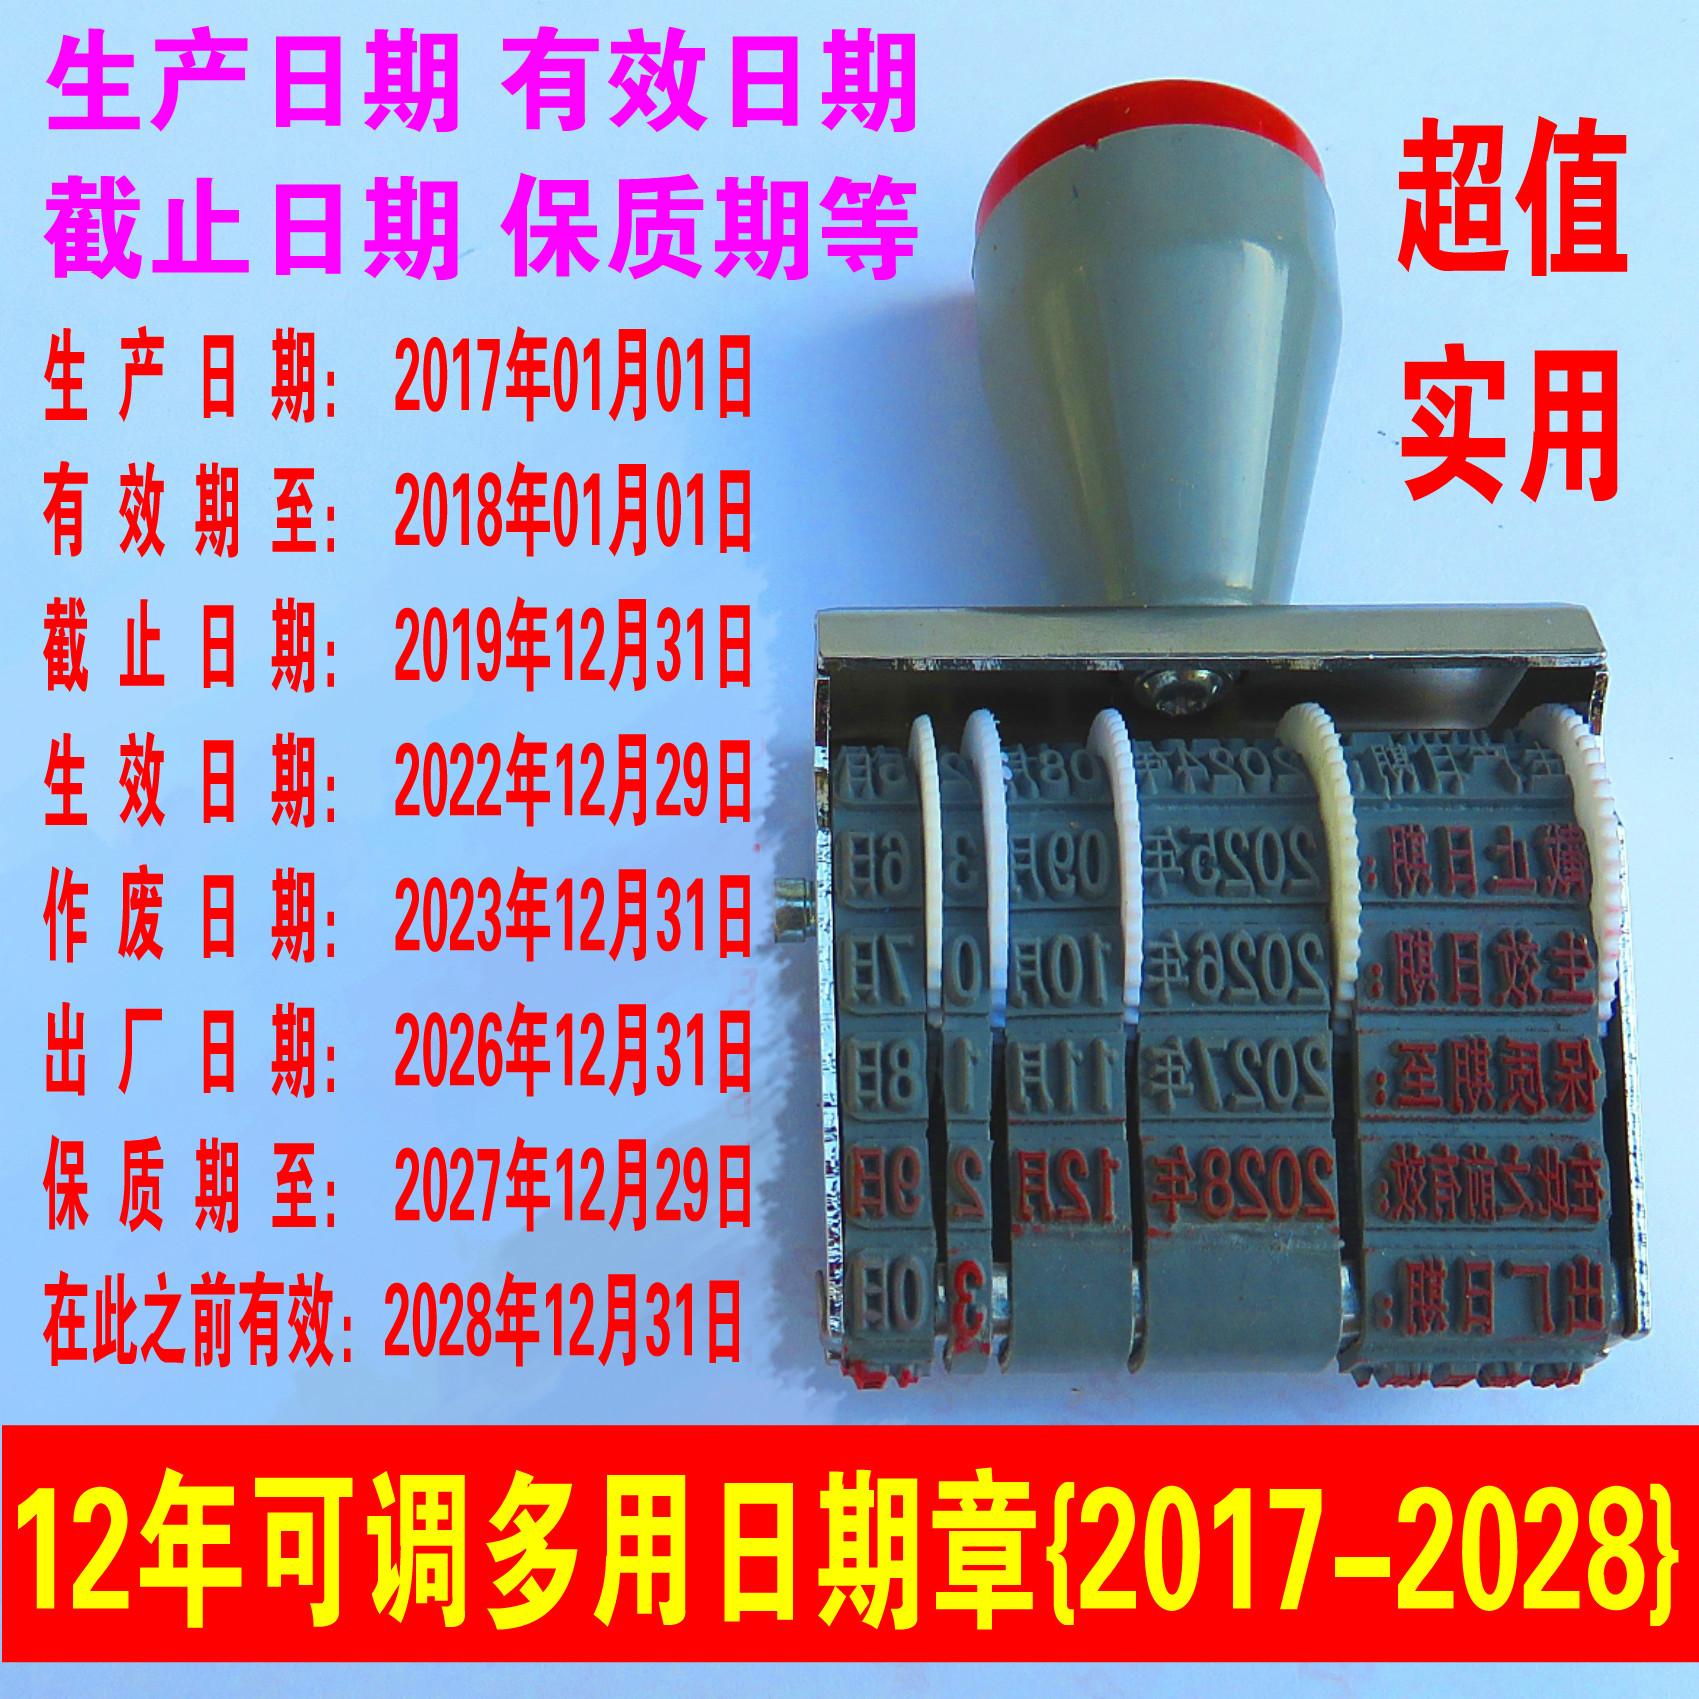 Имеет Срок годности к дате производства дата срок год, месяц и день регулируемая дата печать многократное уплотнение многоразовая дата глава